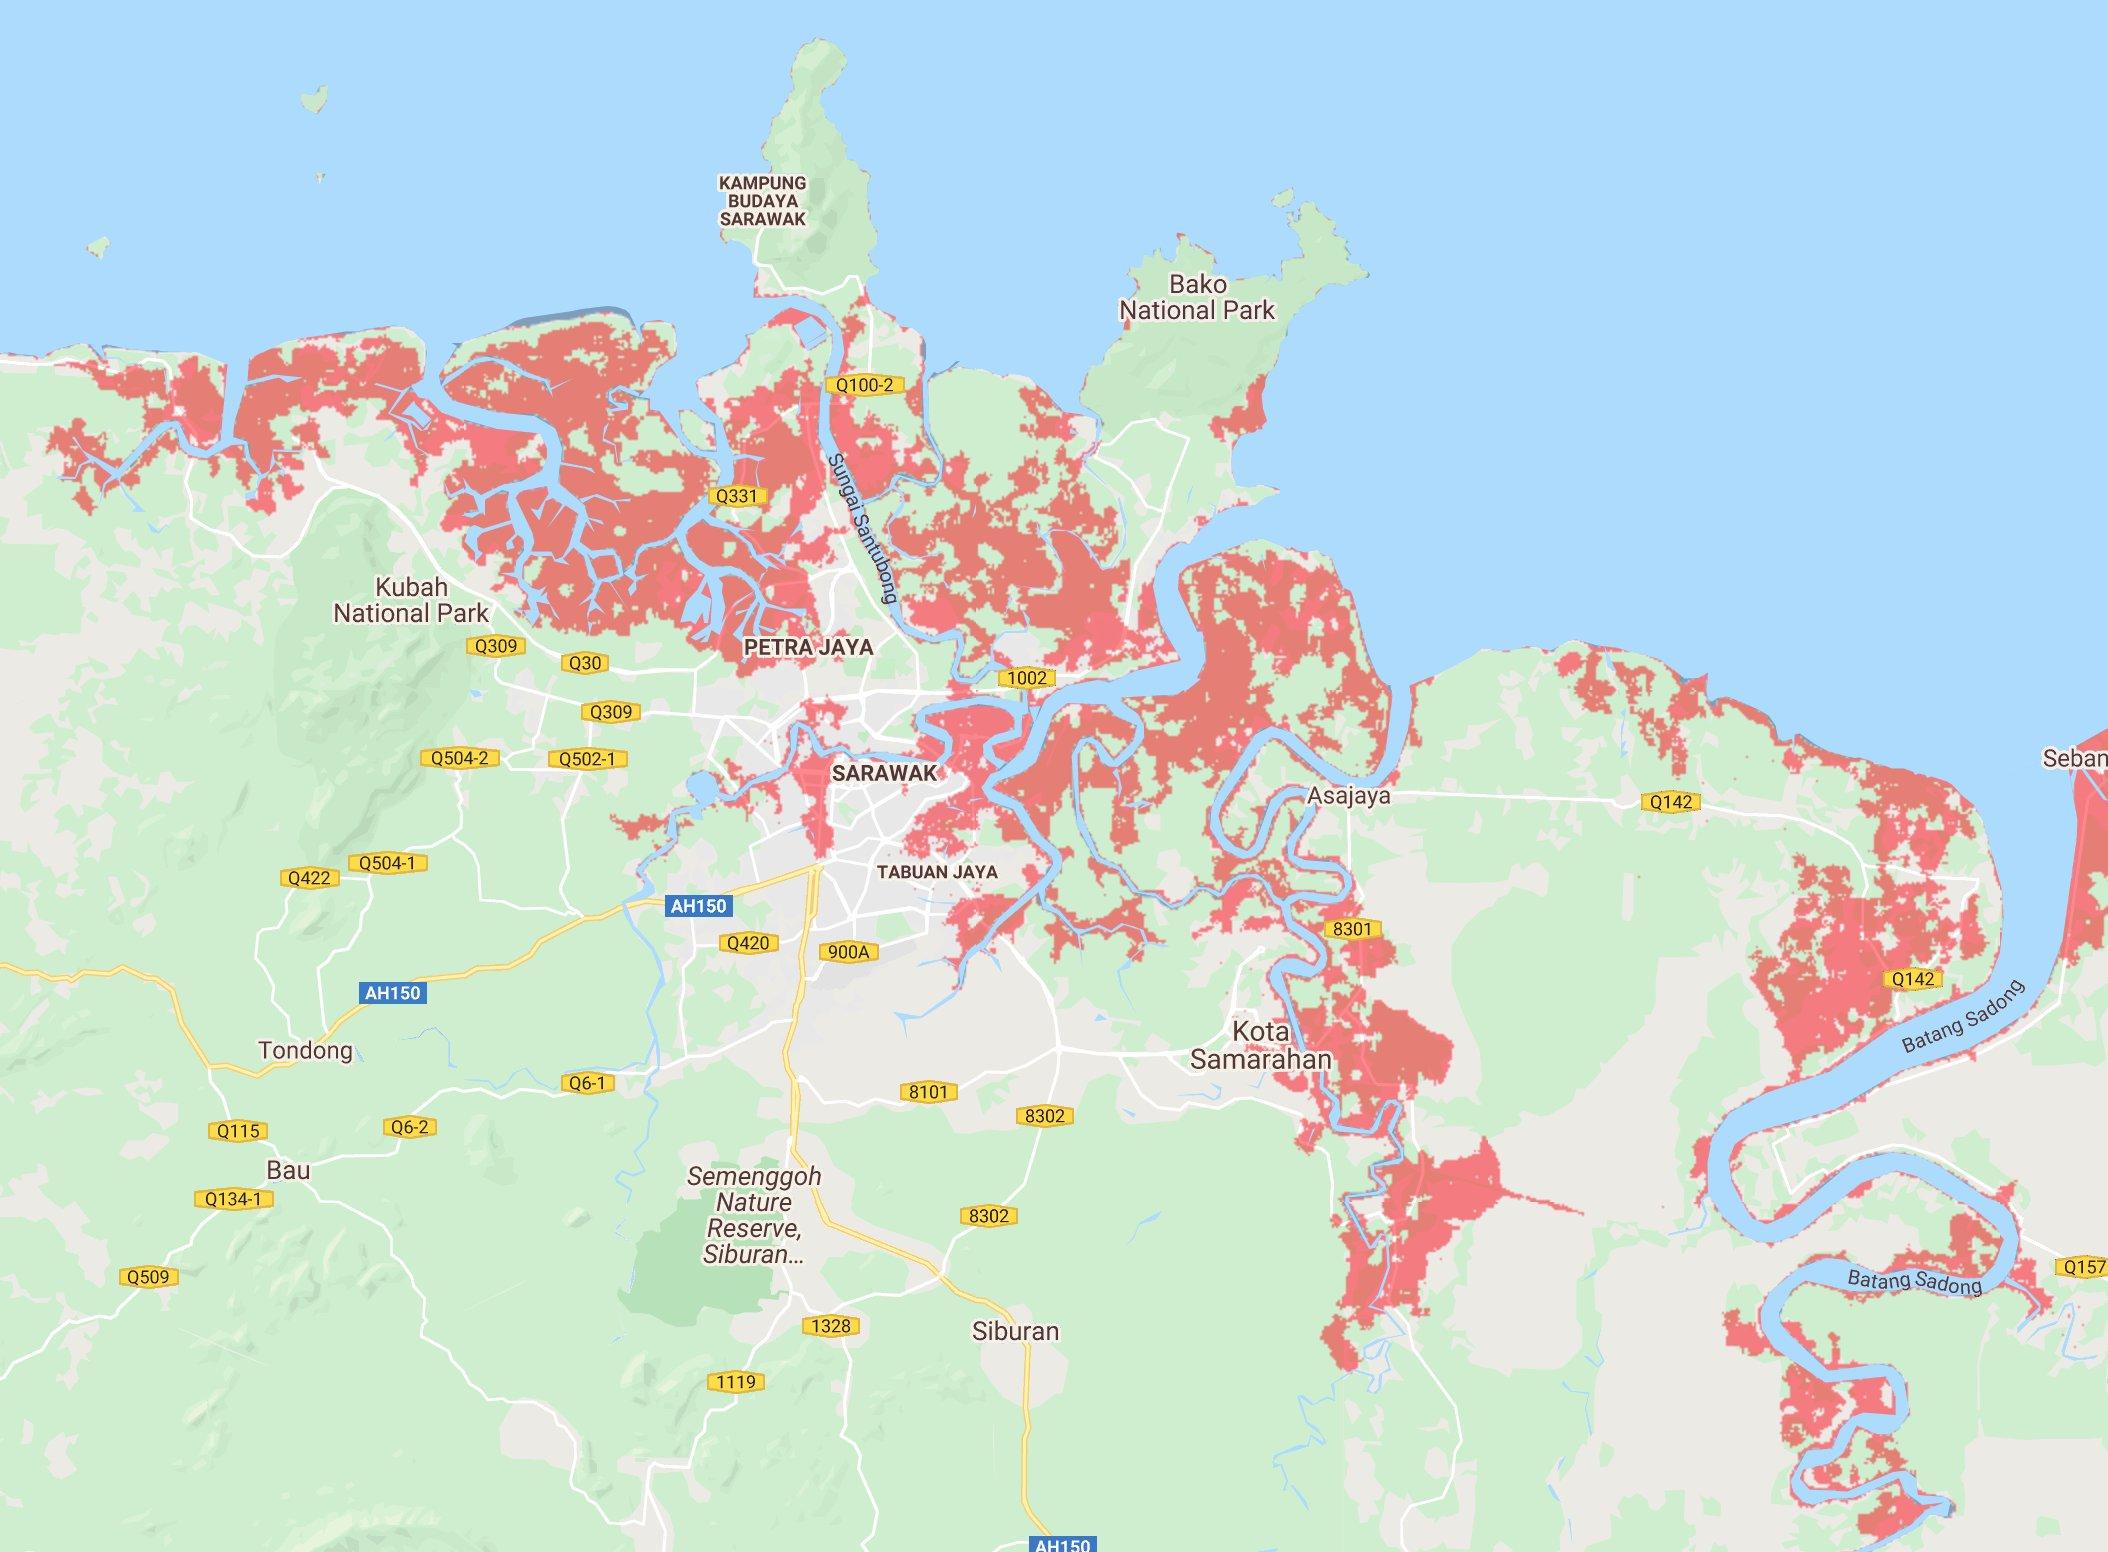 9 Negeri Di Malaysia Dijangka Tenggelam 2050 Nanti, Jutaan Nyawa Akan Terkesan